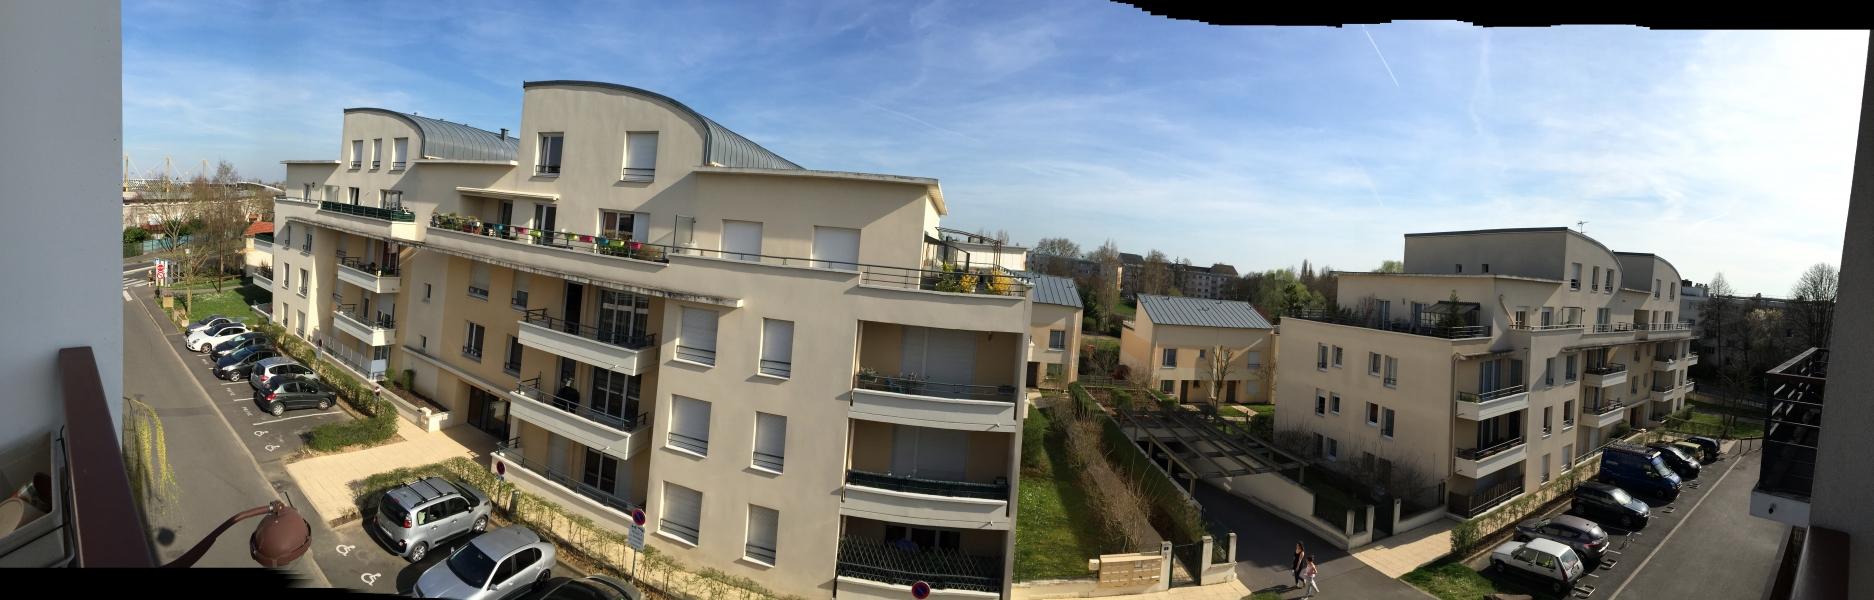 appartement t2 louer paris 16 me arrondissement 75016 quartier exclu rue de la pompe. Black Bedroom Furniture Sets. Home Design Ideas